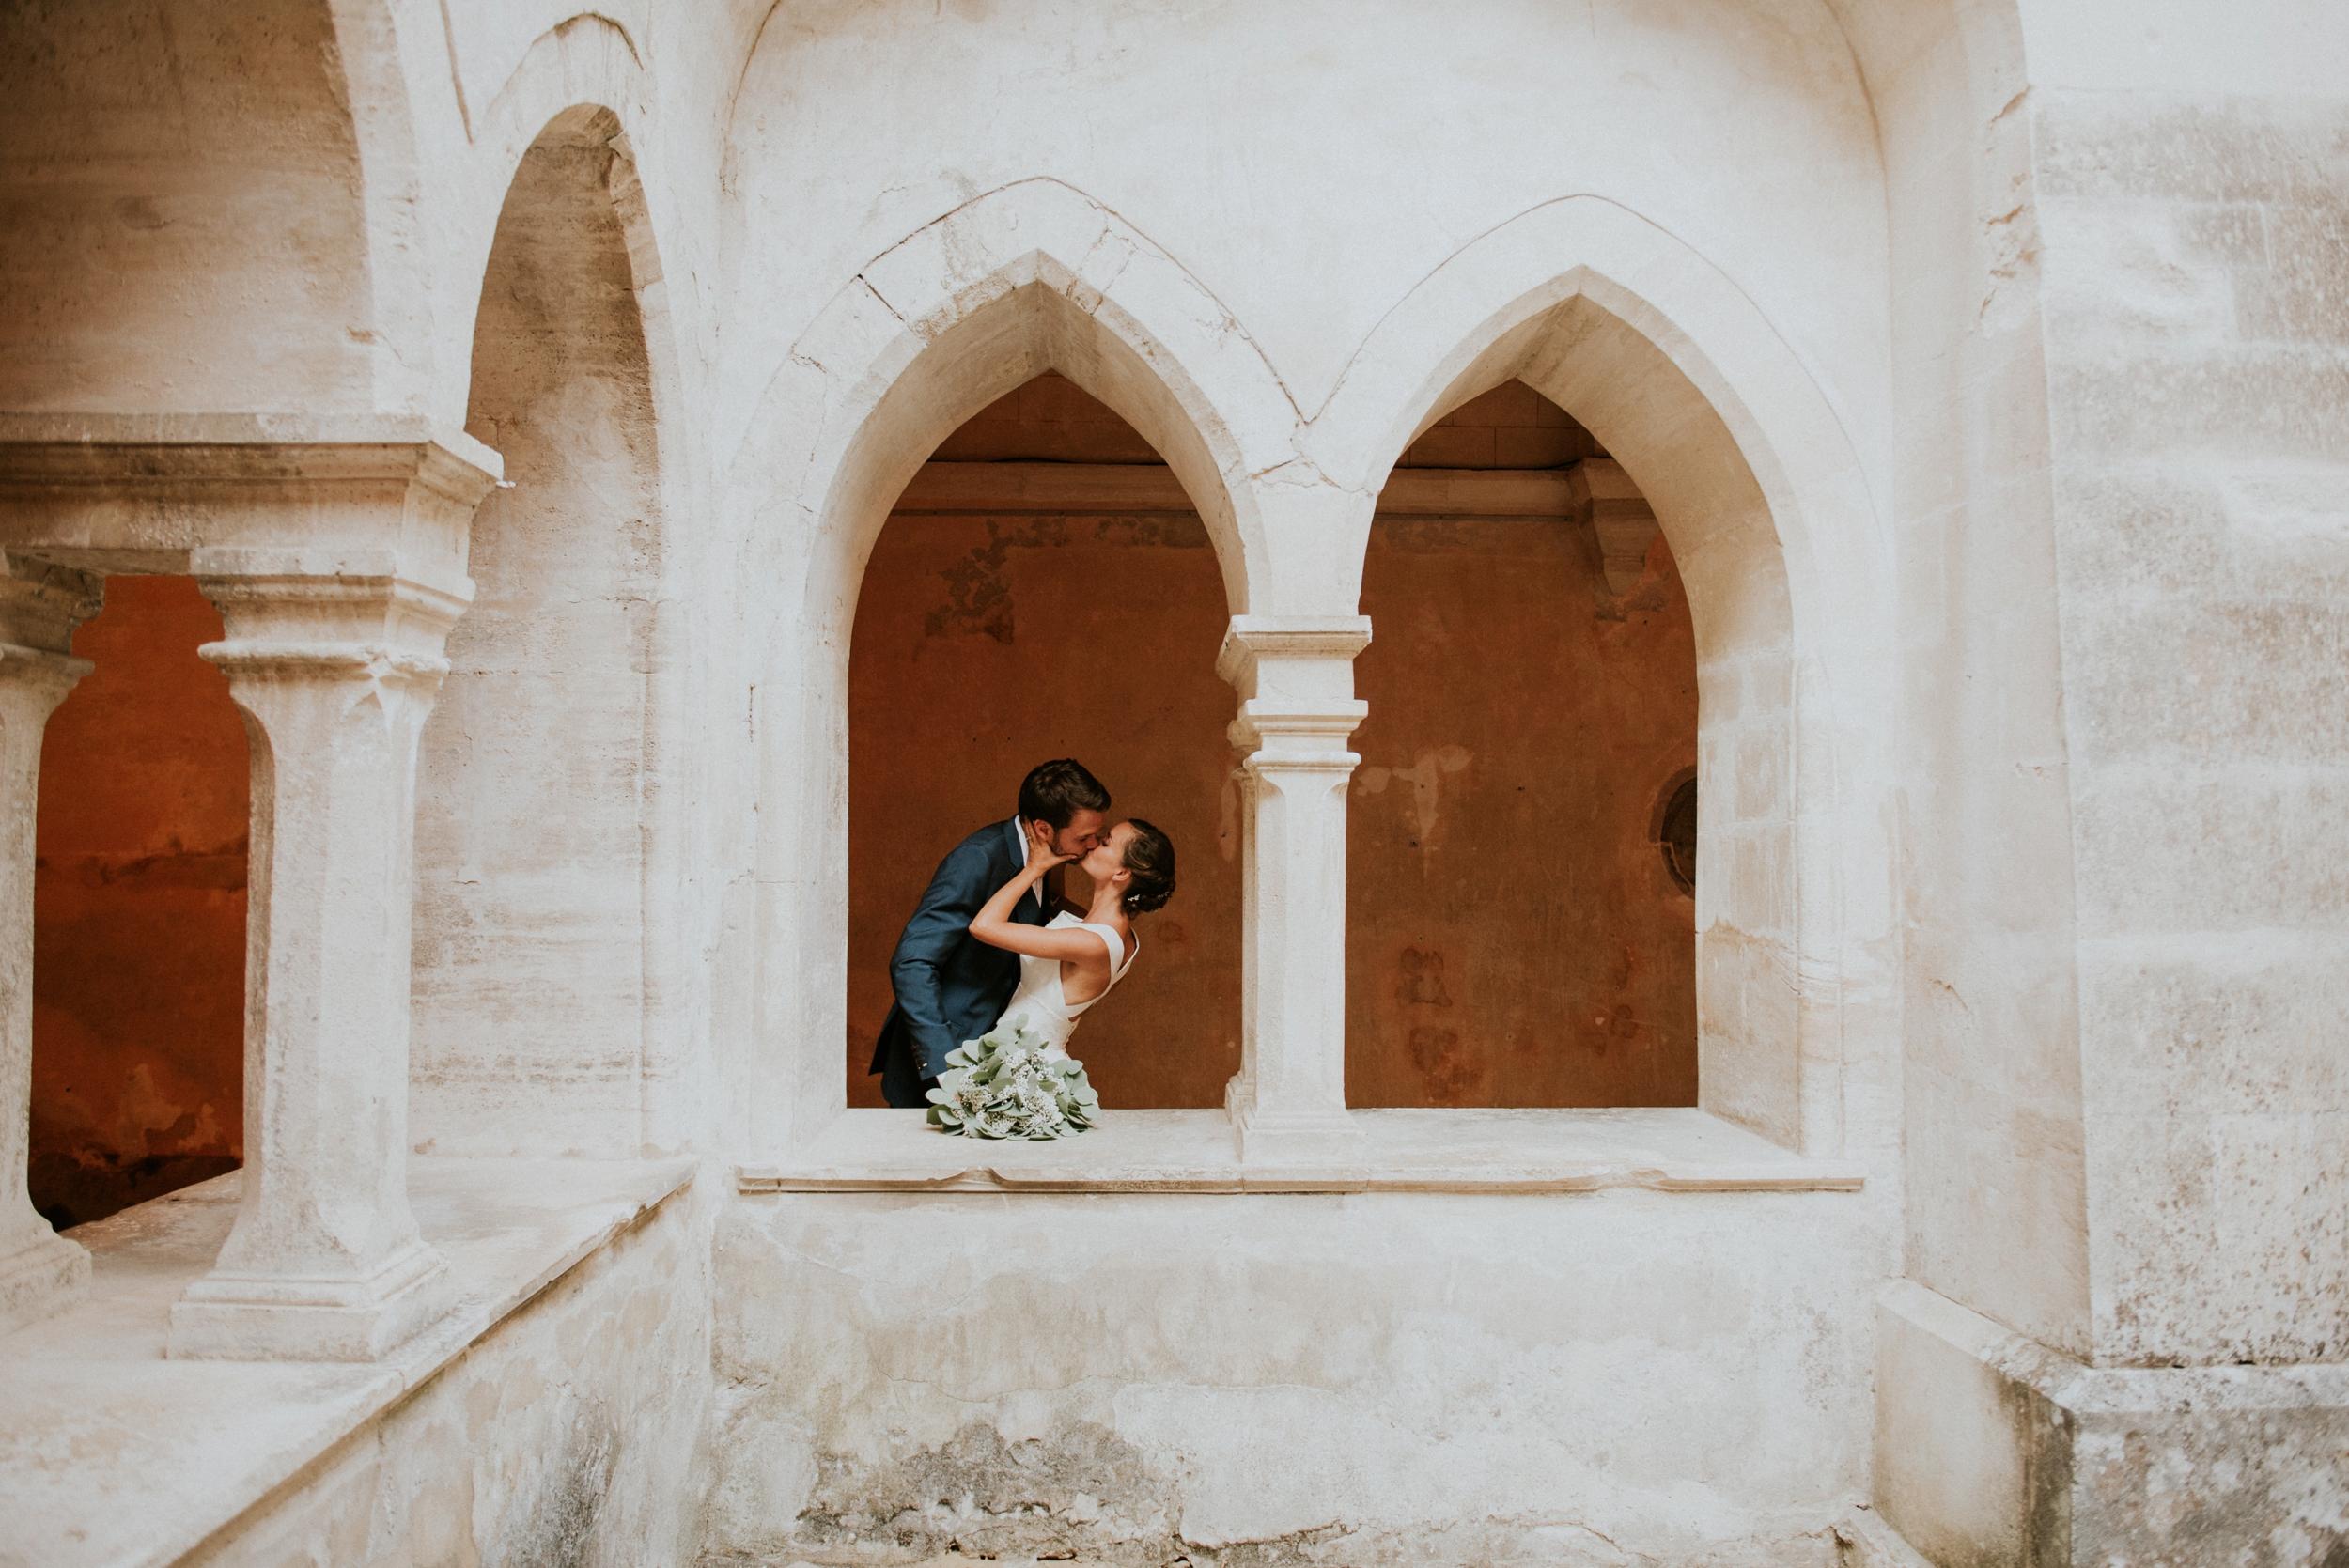 photographe mariage rhone alpes grenoble lyon annecy geneve montagne ceremonie laique_0028